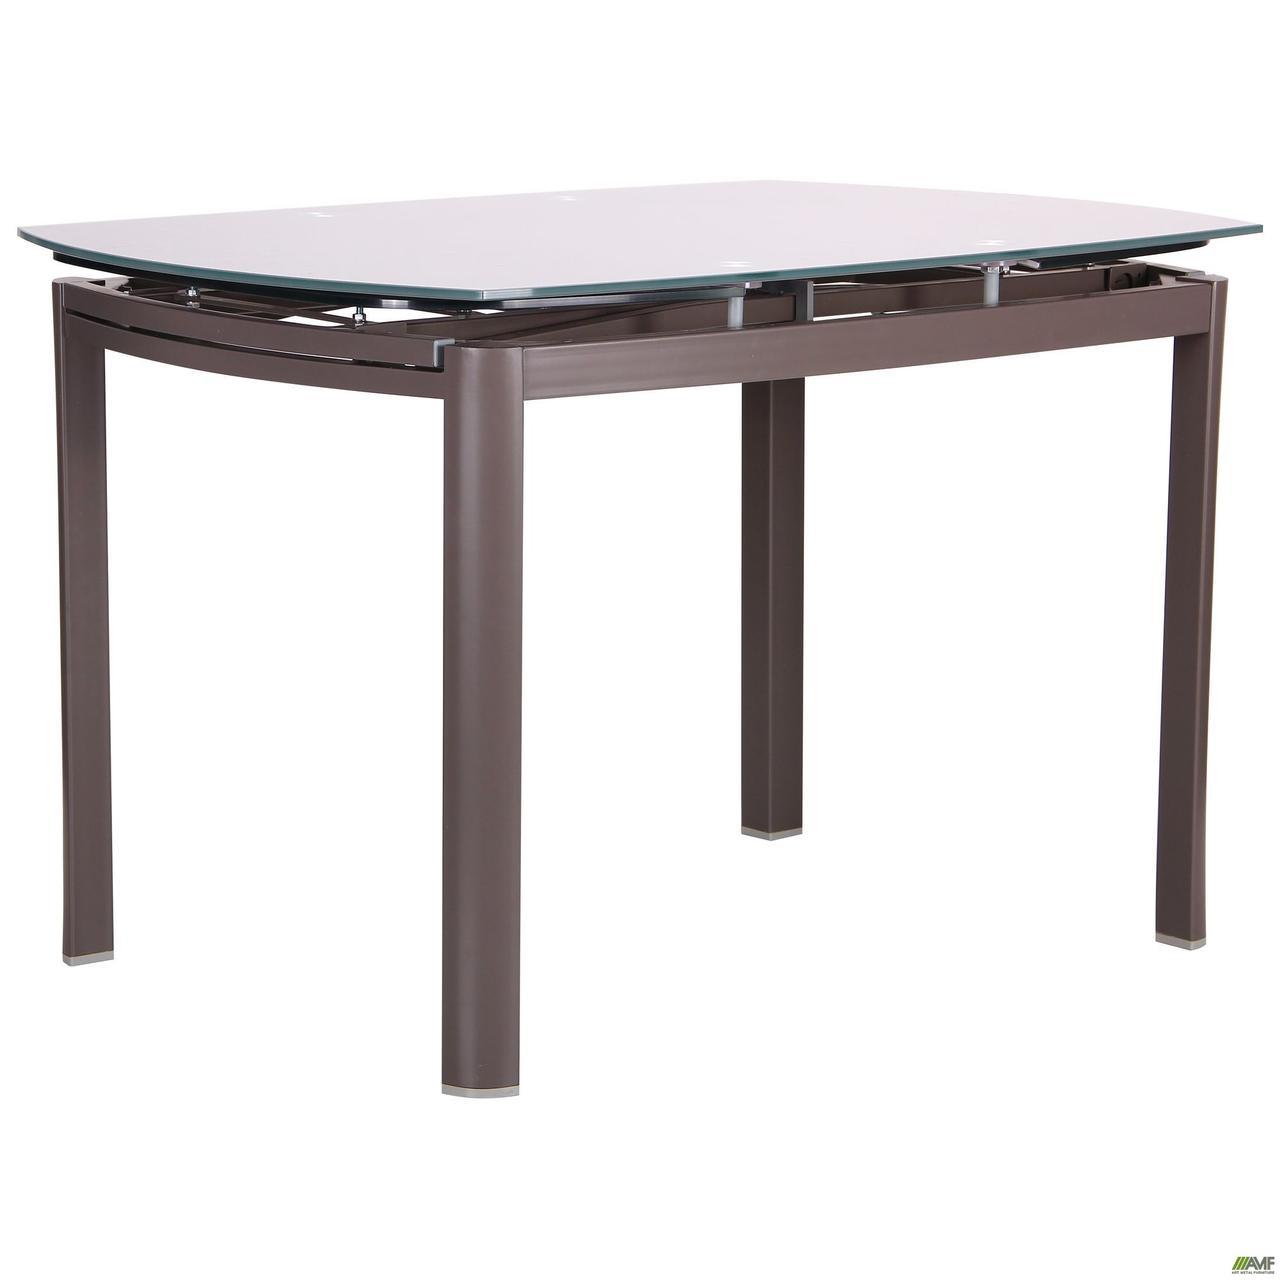 Стол обеденный раскладной Кассандра B179-71 серый/стекло платина